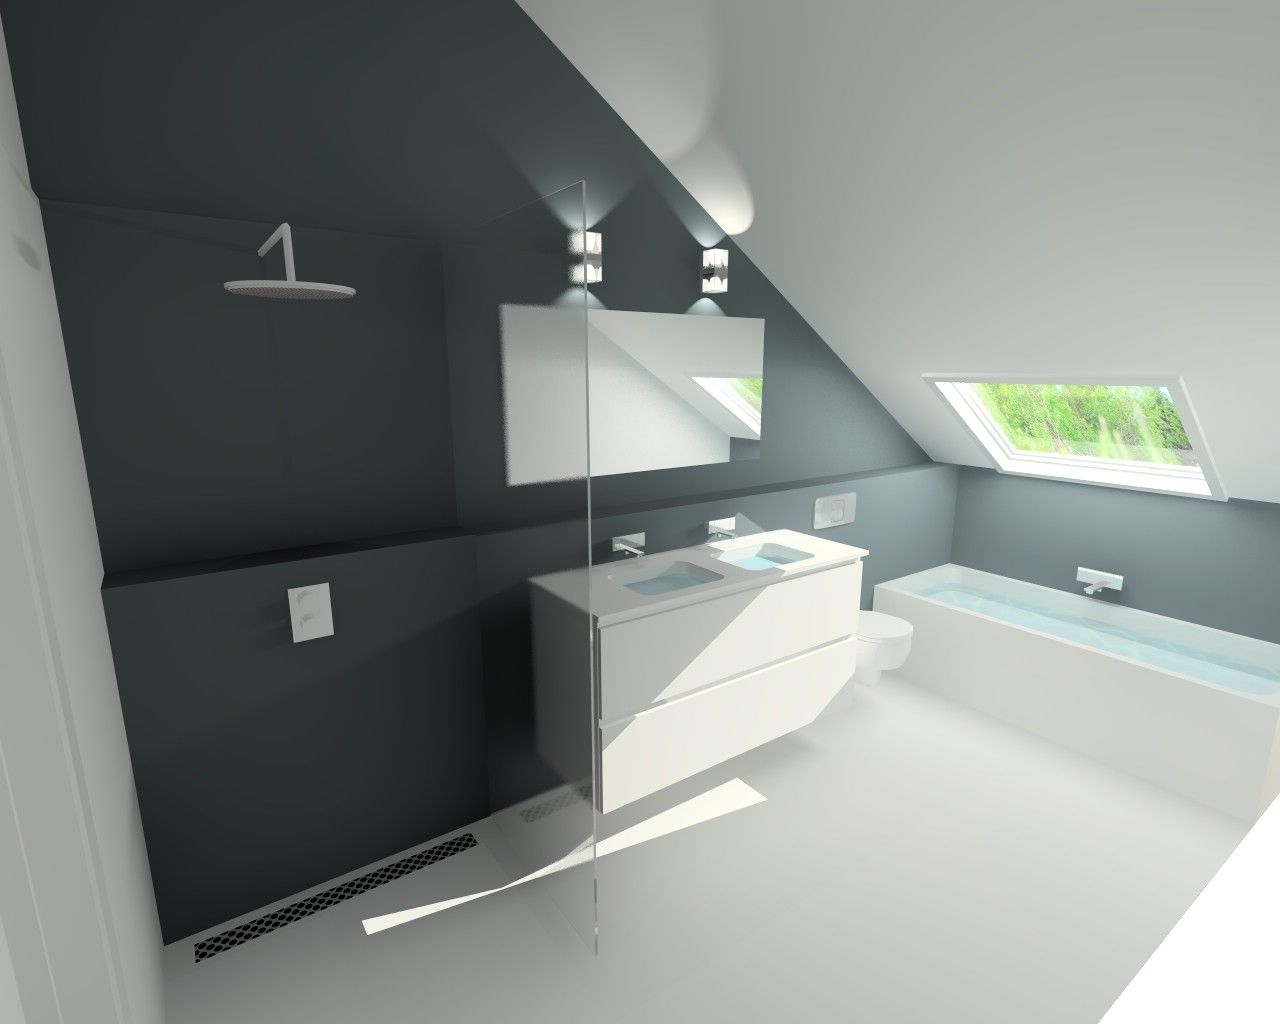 Gietvloer Badkamer Douche : Badkamer met open douche gietvloer en meubel in kerrock solid